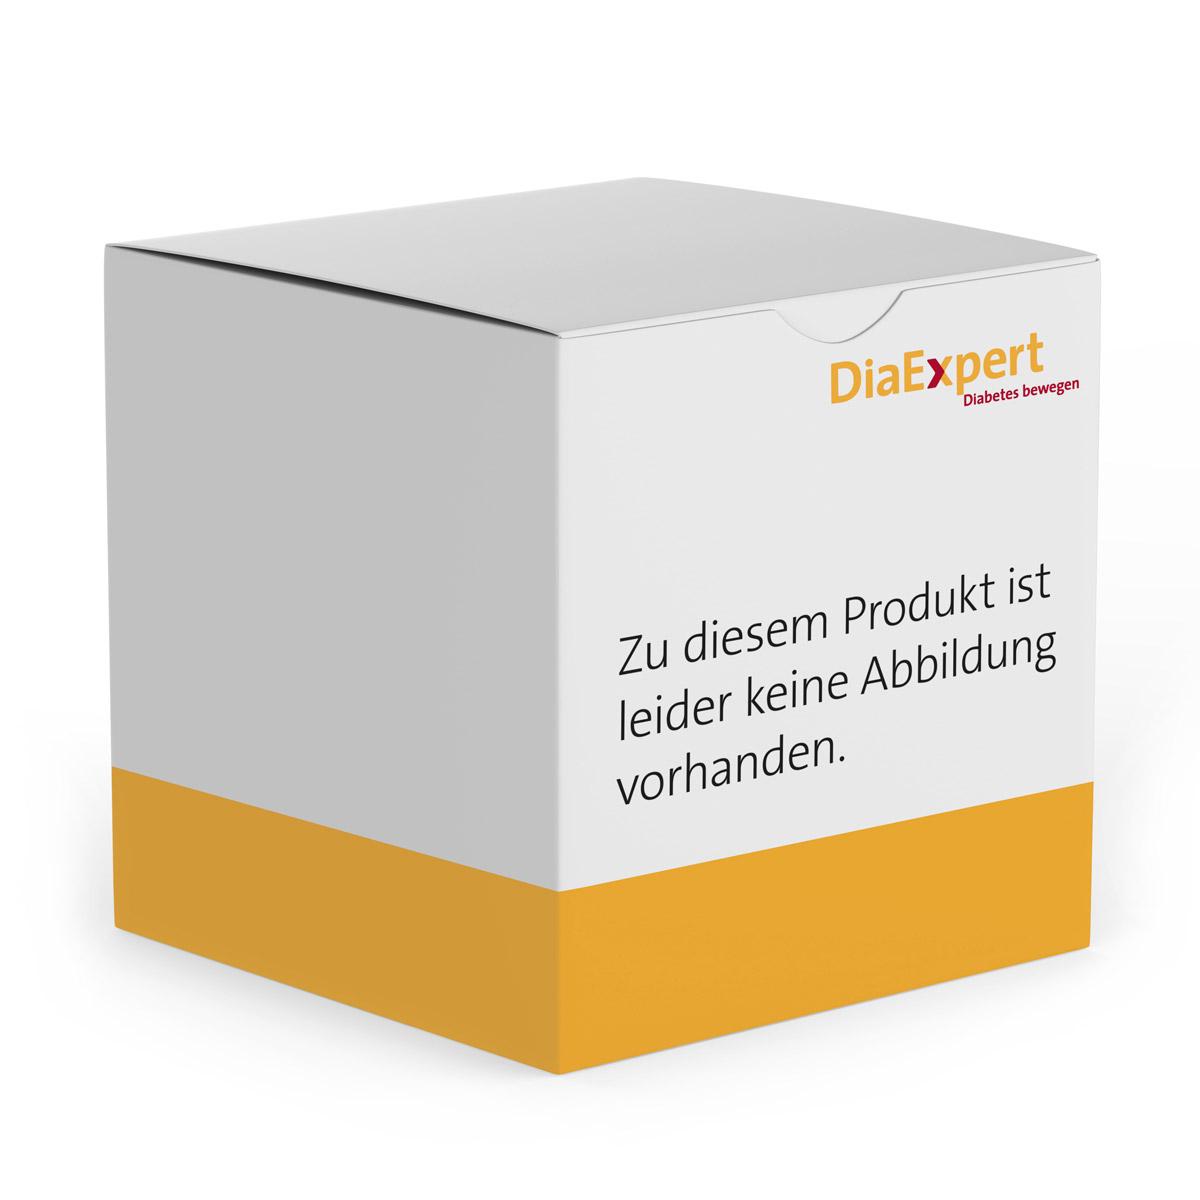 OneTouch Verio Teststreifen Verpackung